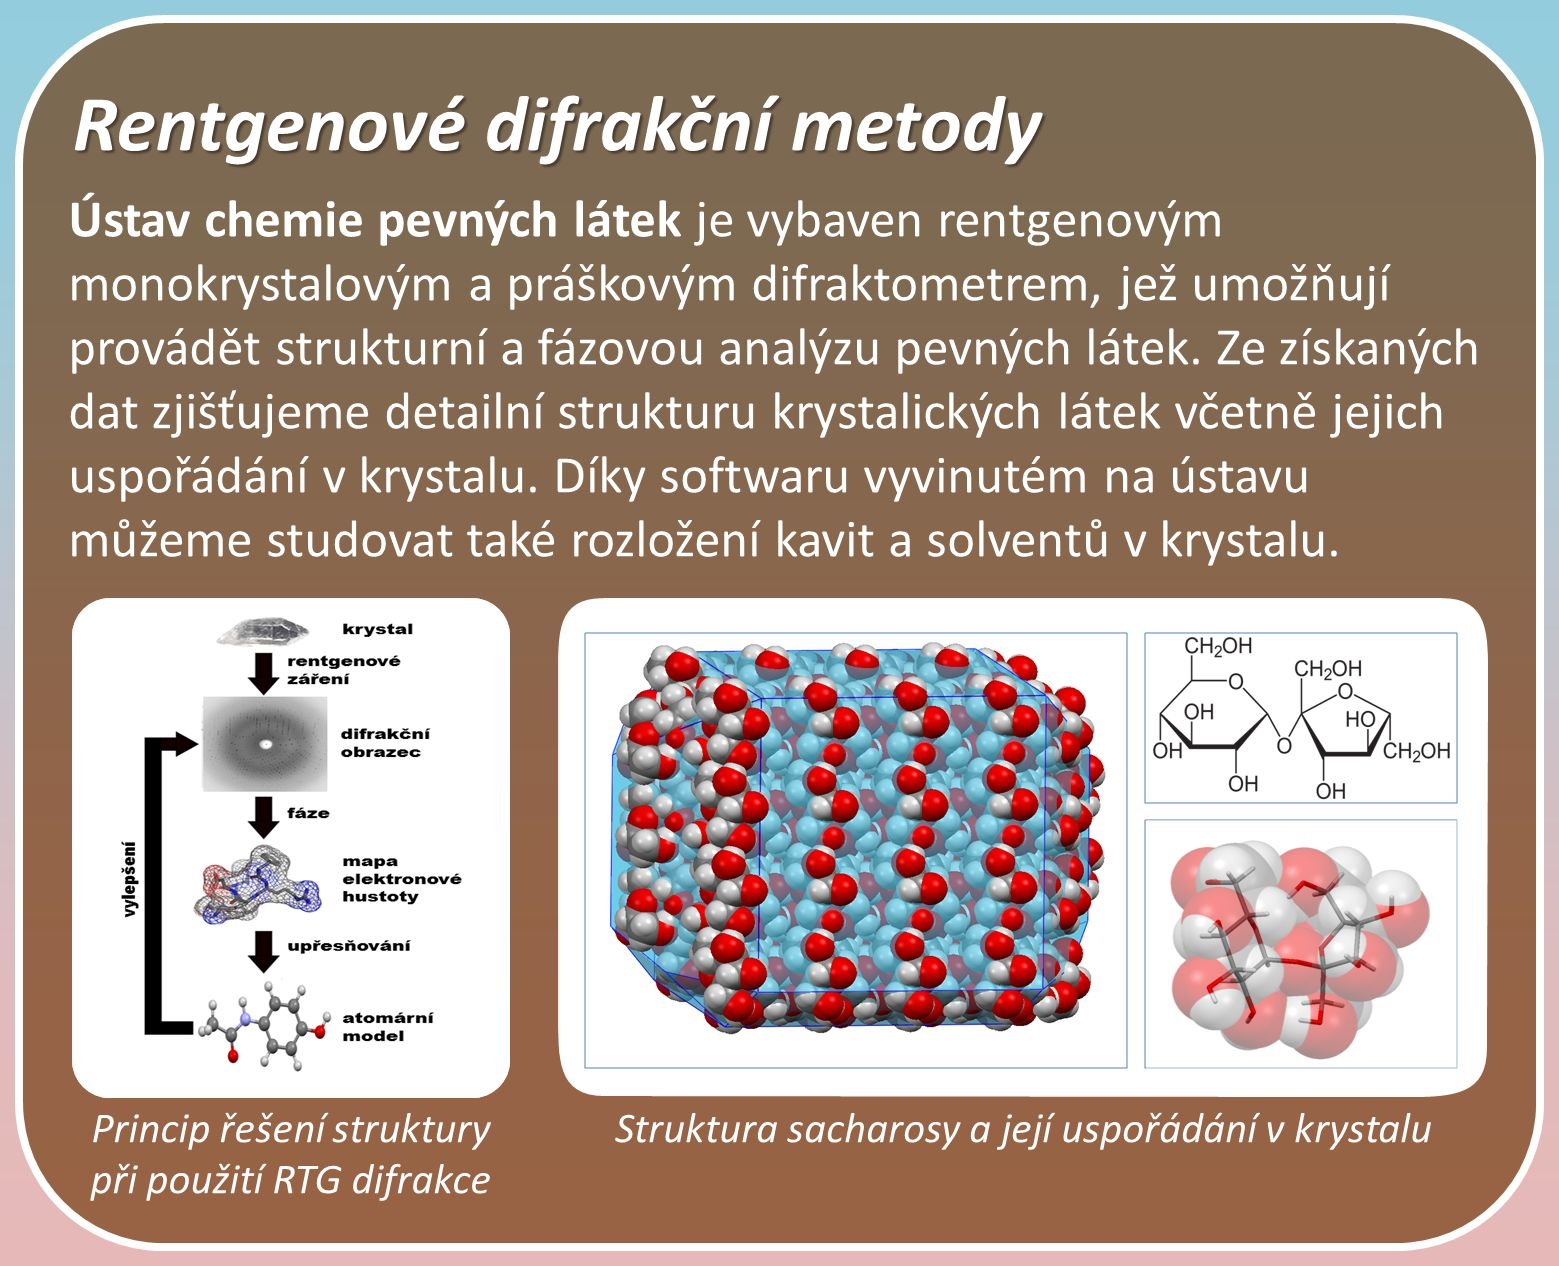 Rentgenové difrakční metody Princip řešení struktury při použití RTG difrakce Struktura sacharosy a její uspořádání v krystalu Ústav chemie pevných látek je vybaven rentgenovým monokrystalovým a práškovým difraktometrem, jež umožňují provádět strukturní a fázovou analýzu pevných látek.